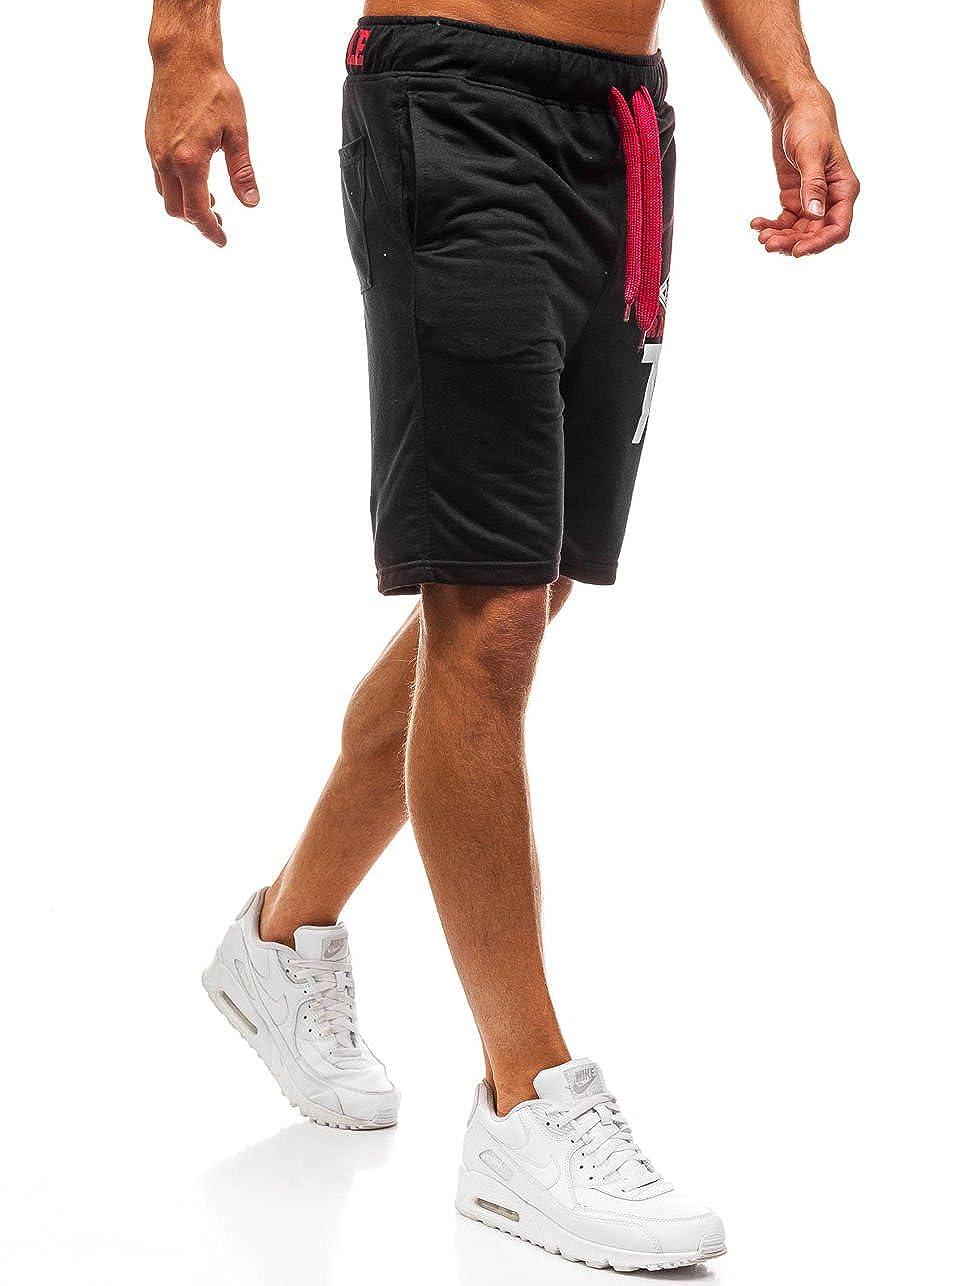 BOLF Hombre Pantal/ón Corto Pantal/ón de Ch/ándal Deportivo Pantalones de Algod/ón Estilo Deportivo 7G7